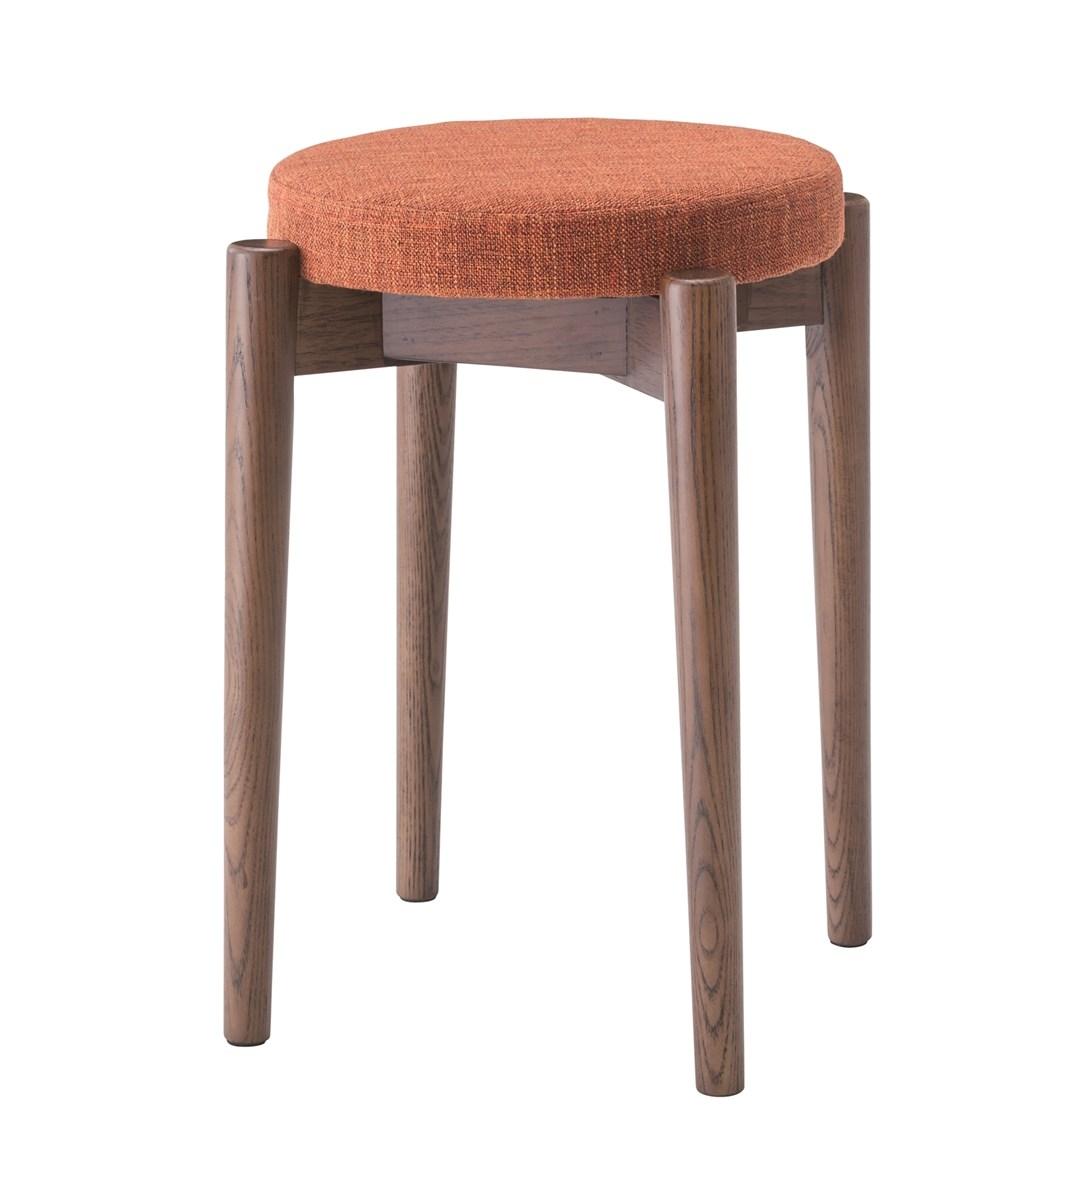 スタッキングスツール イス バーチェア 椅子 カウンターチェア (数量1) ブラウン 茶